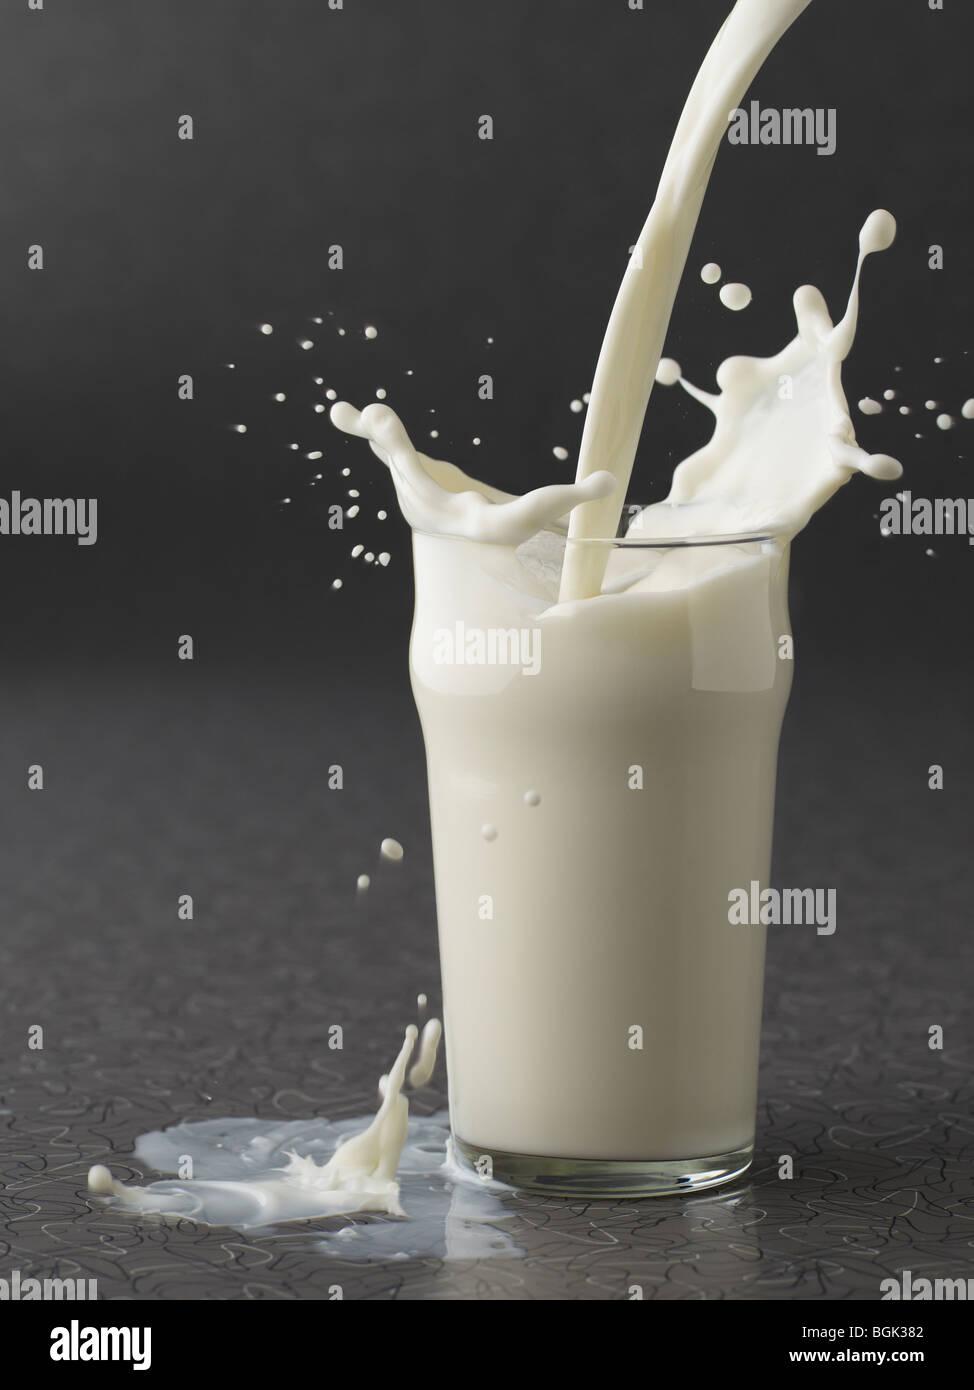 Verser le lait dans un verre sur fond gris Photo Stock